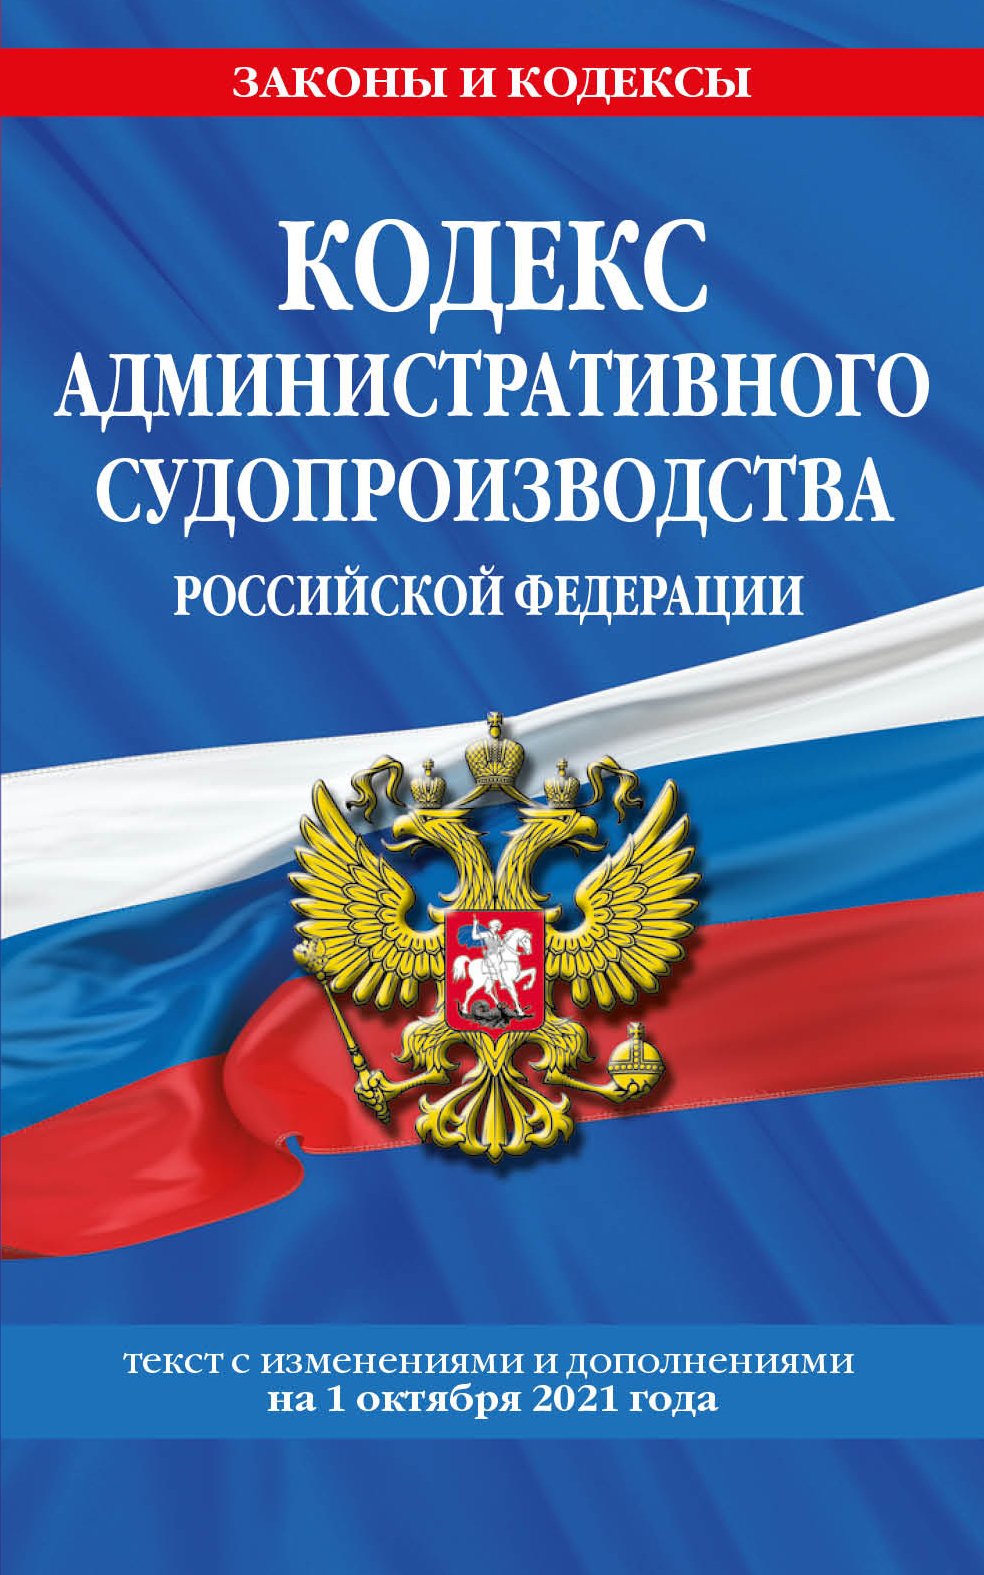 Кодекс административного судопроизводства РФ: текст с посл. изм. и доп. на 1 октября 2021 г.